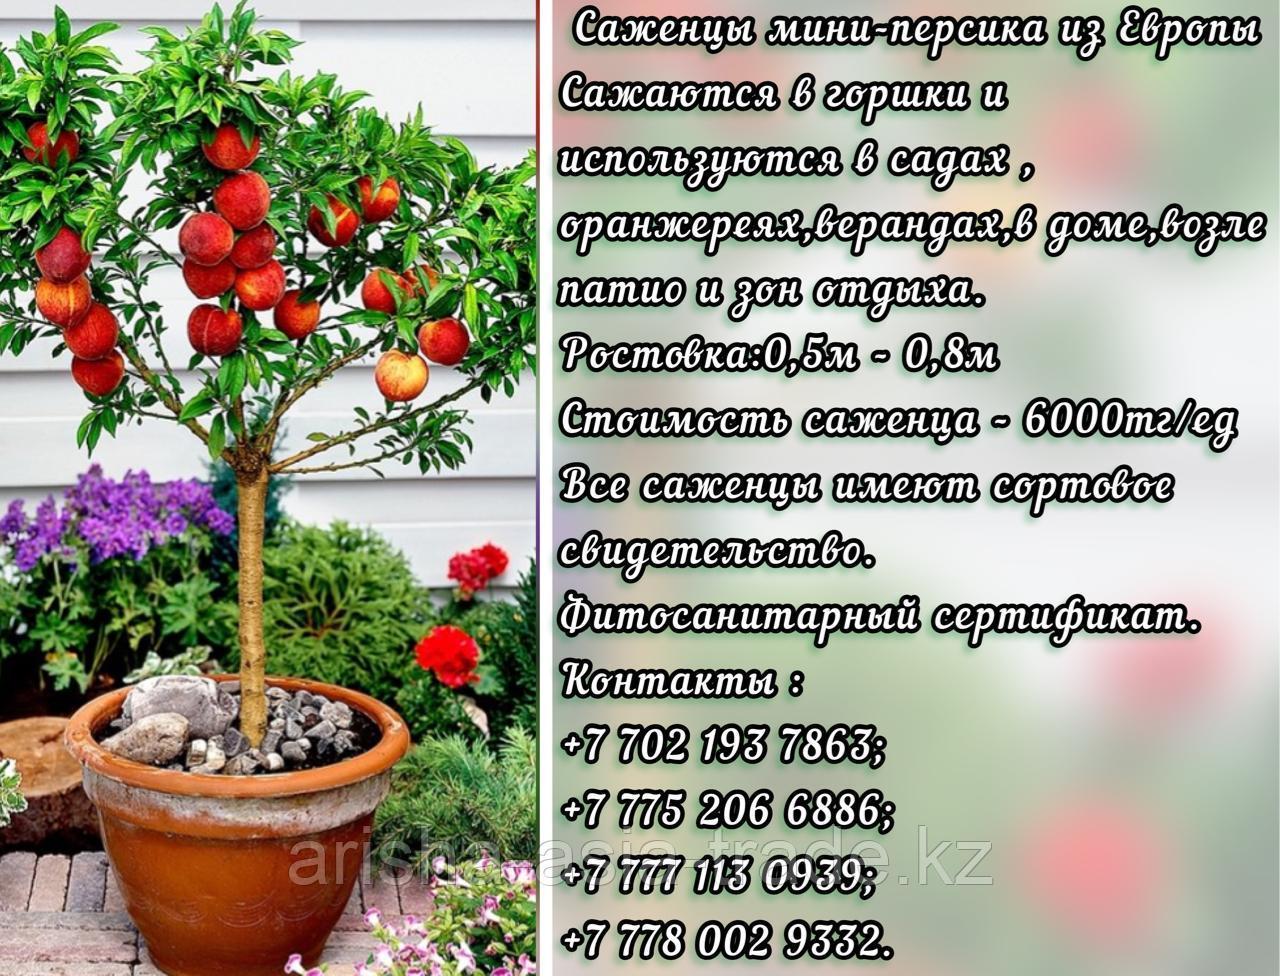 Саженцы мини фруктовых деревьев персика Сербия